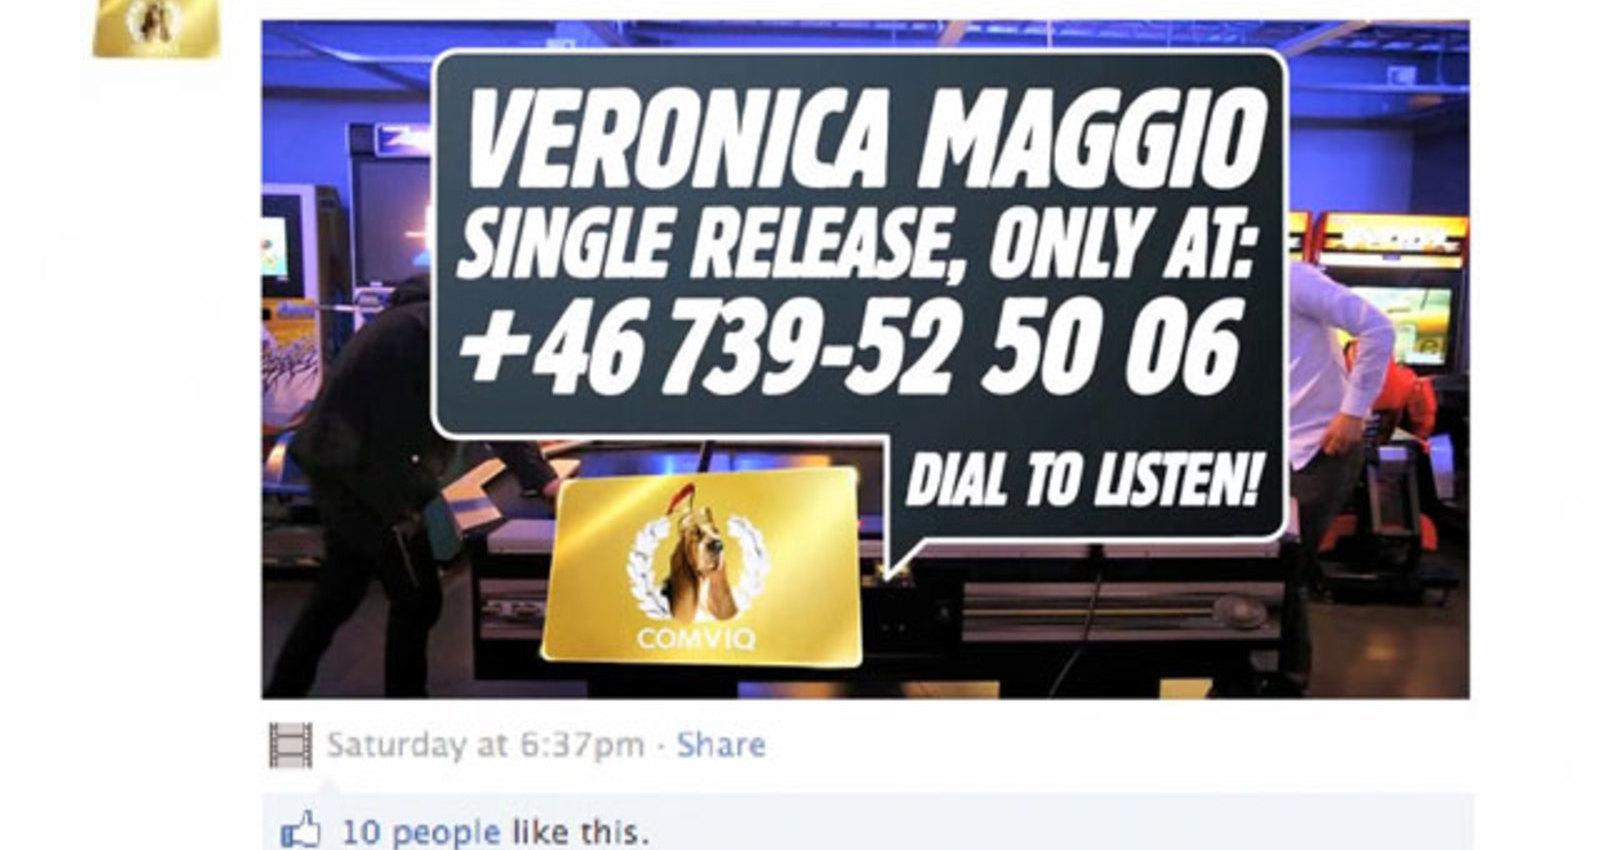 Single single release